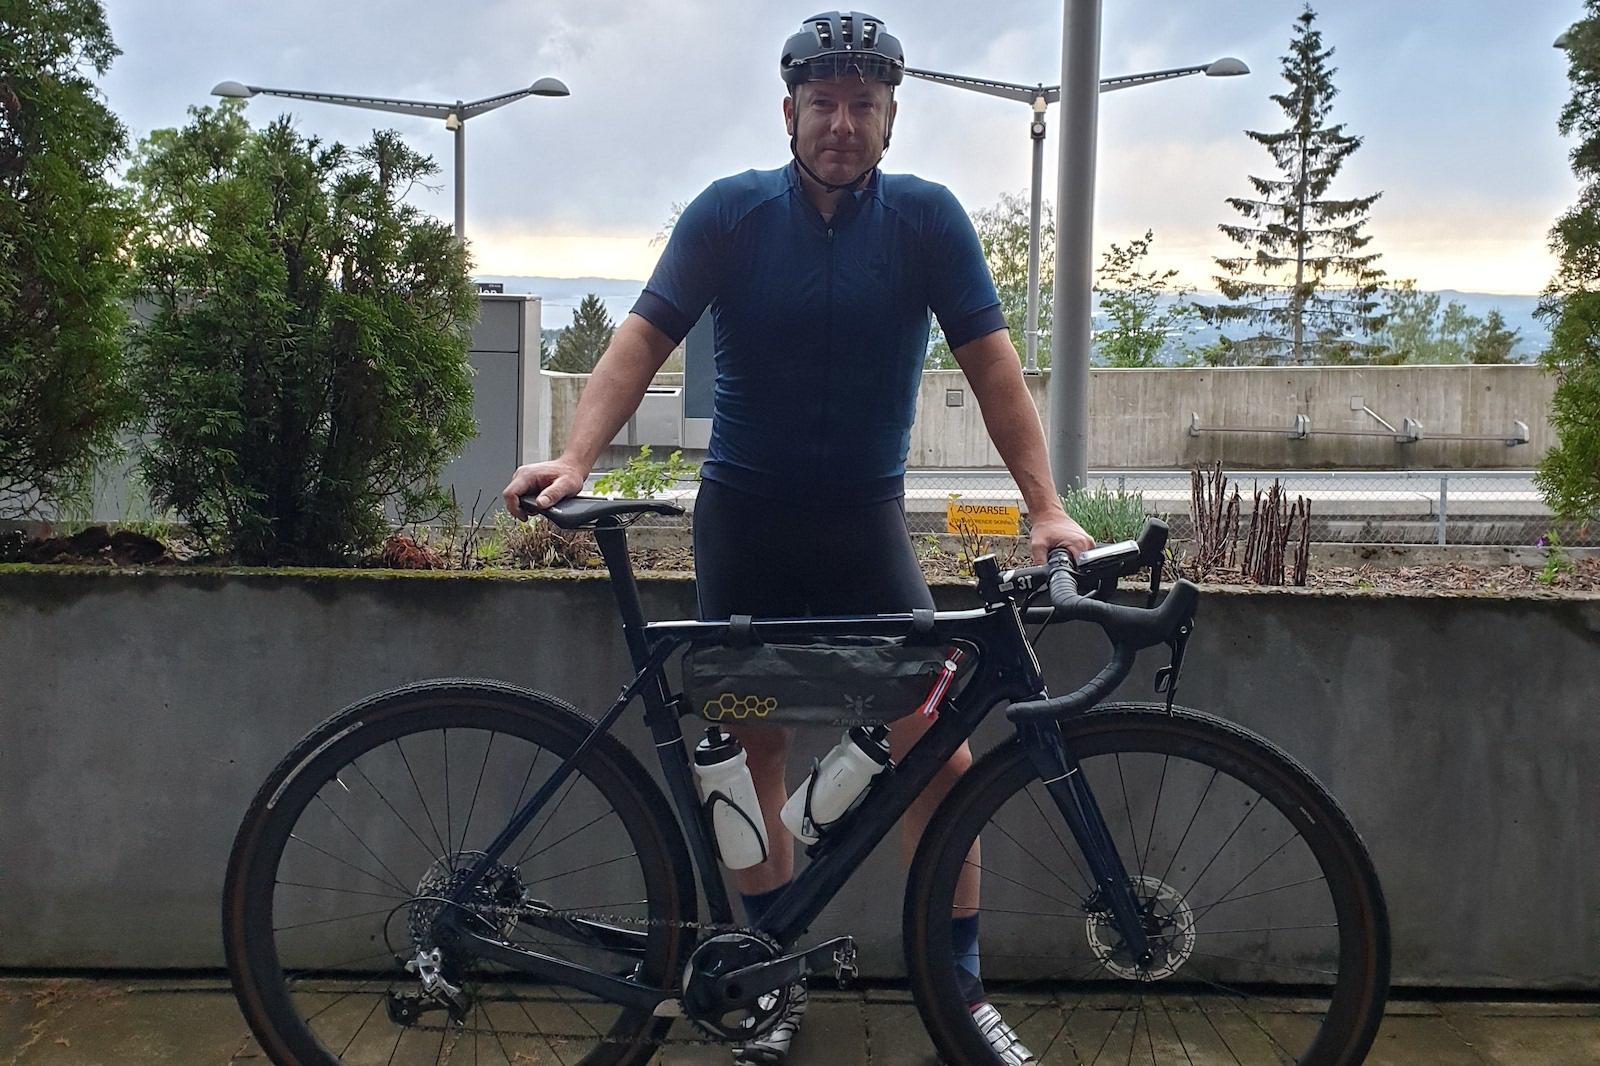 LANGTUR: Jeff Webb startet det 1200 kilometer lange brevet-rittet Paris-Brest-Paris klokka 0800 i morges. Han har 90 timer på seg til å fullføre. Foto: Privat